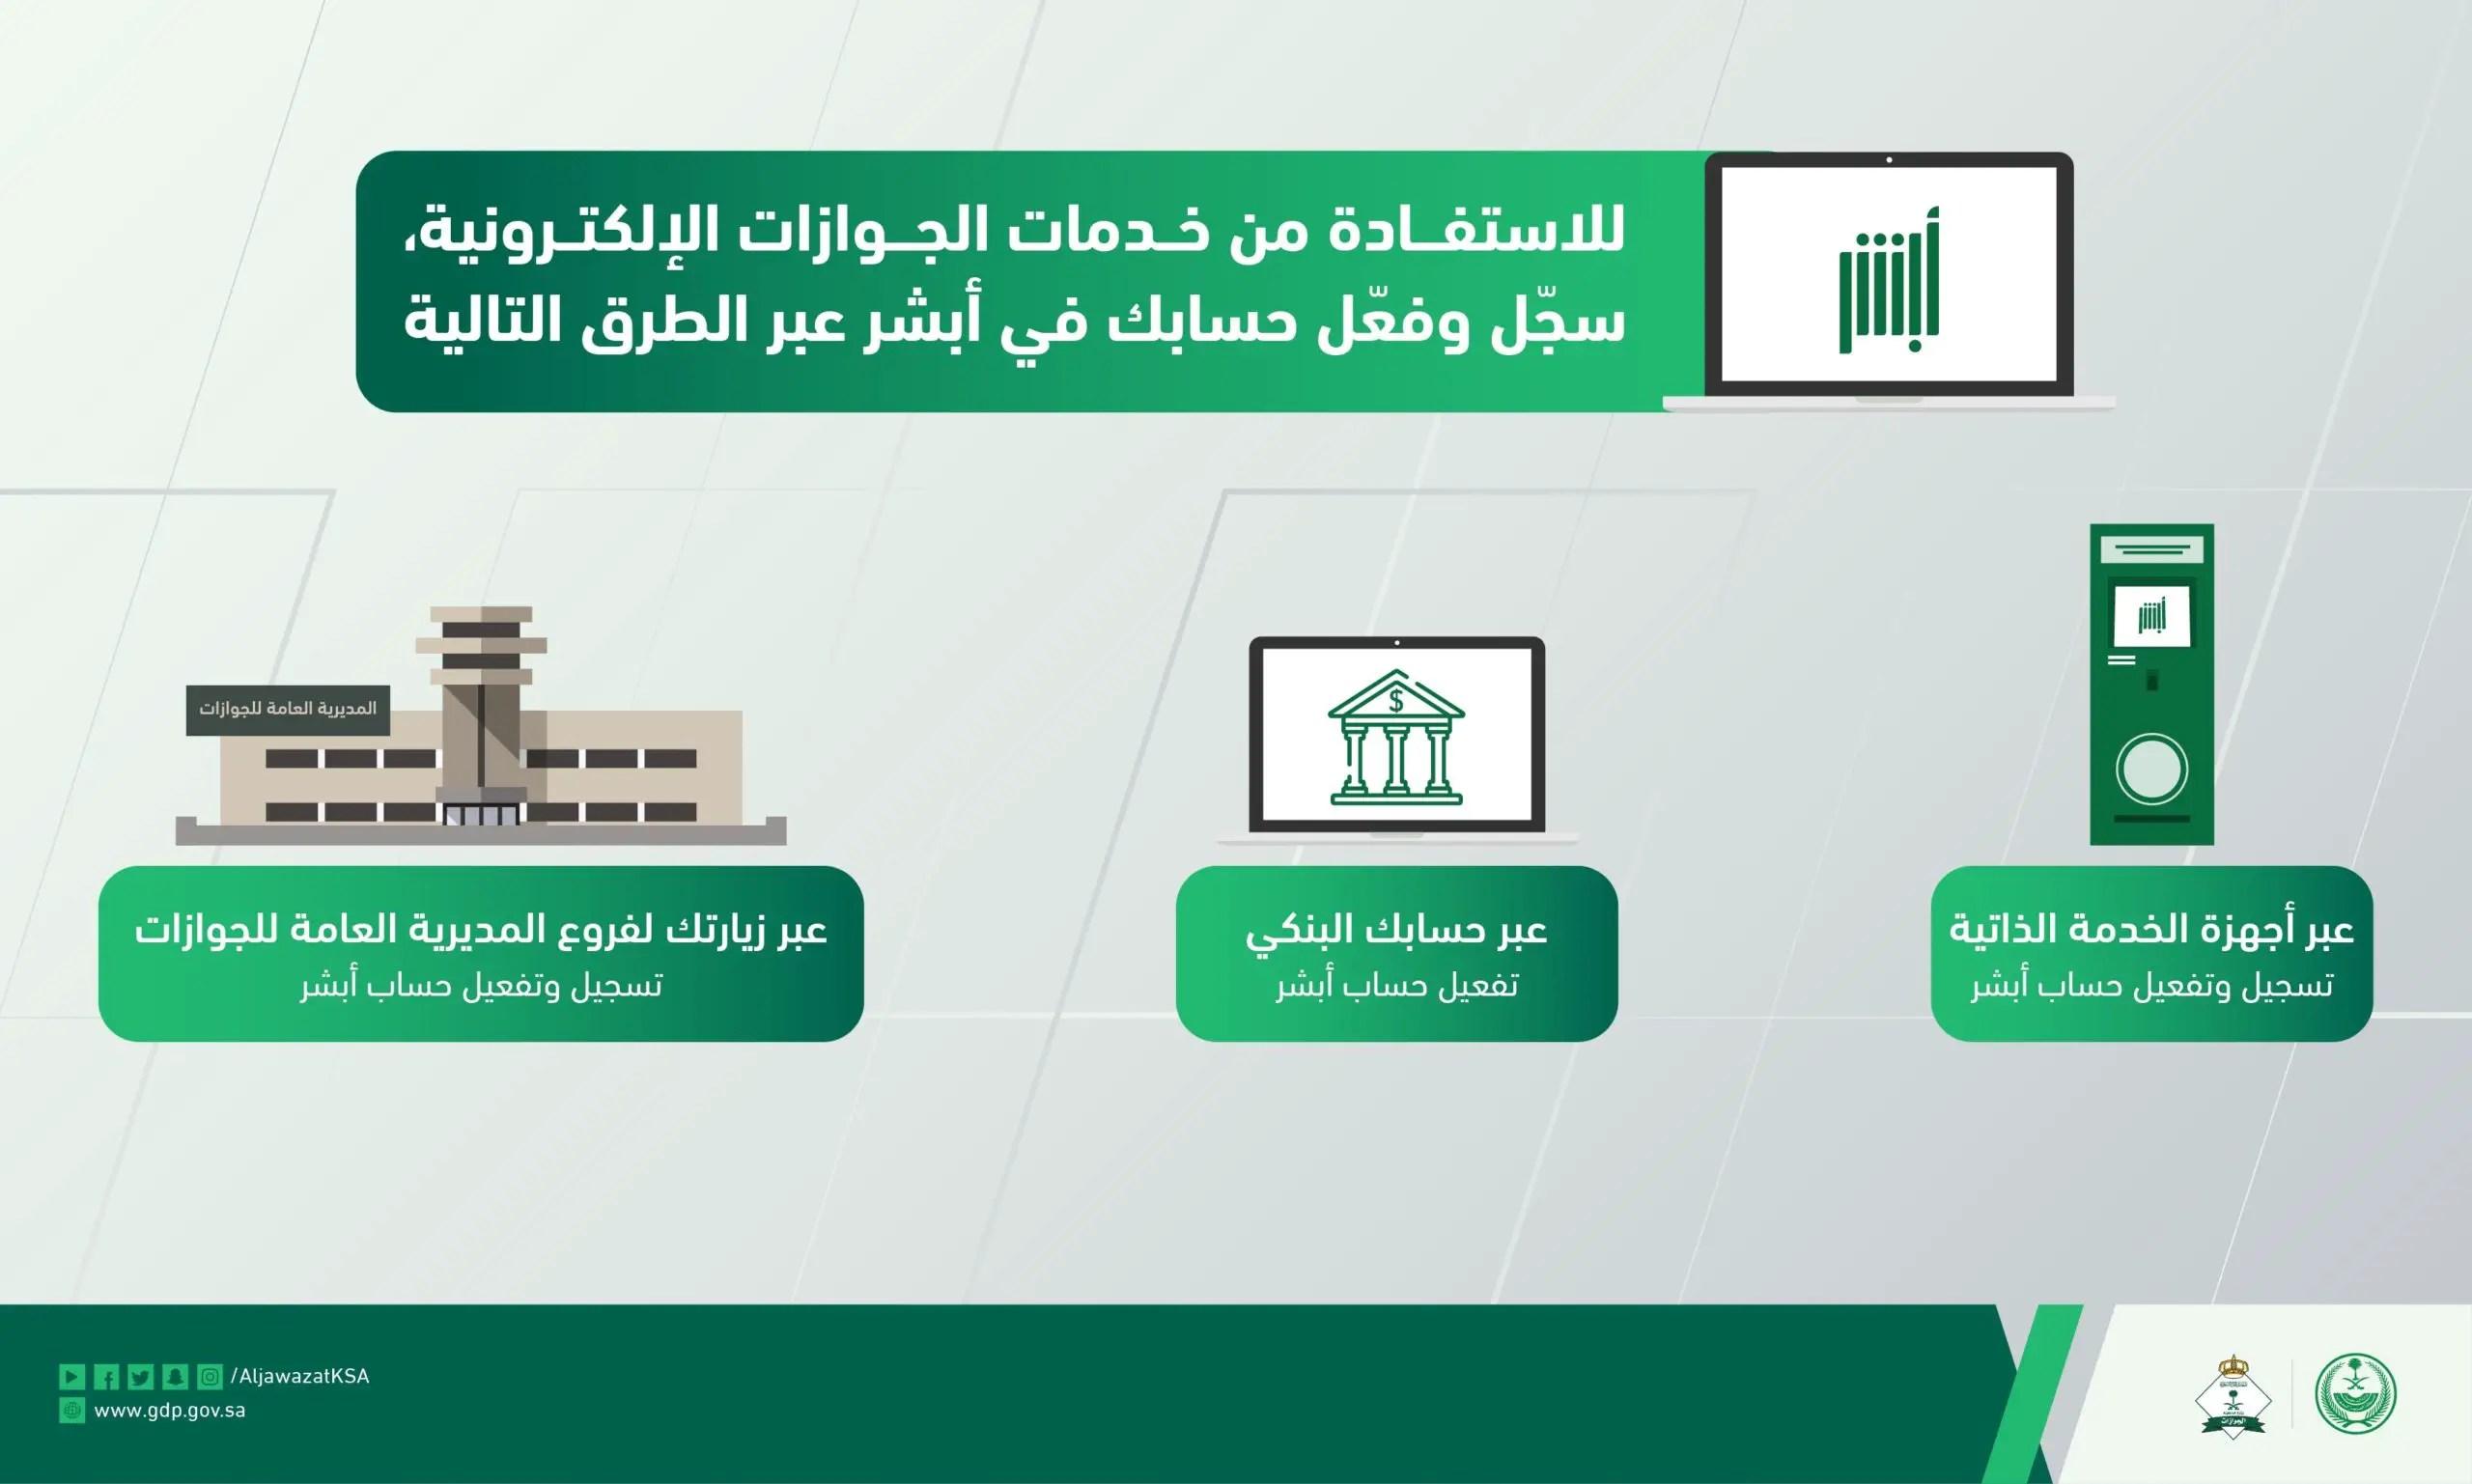 رصيد الجوازات استرداد رصيد الجوازات من بنك الراجحي والبنك الأهلي موسوعتي